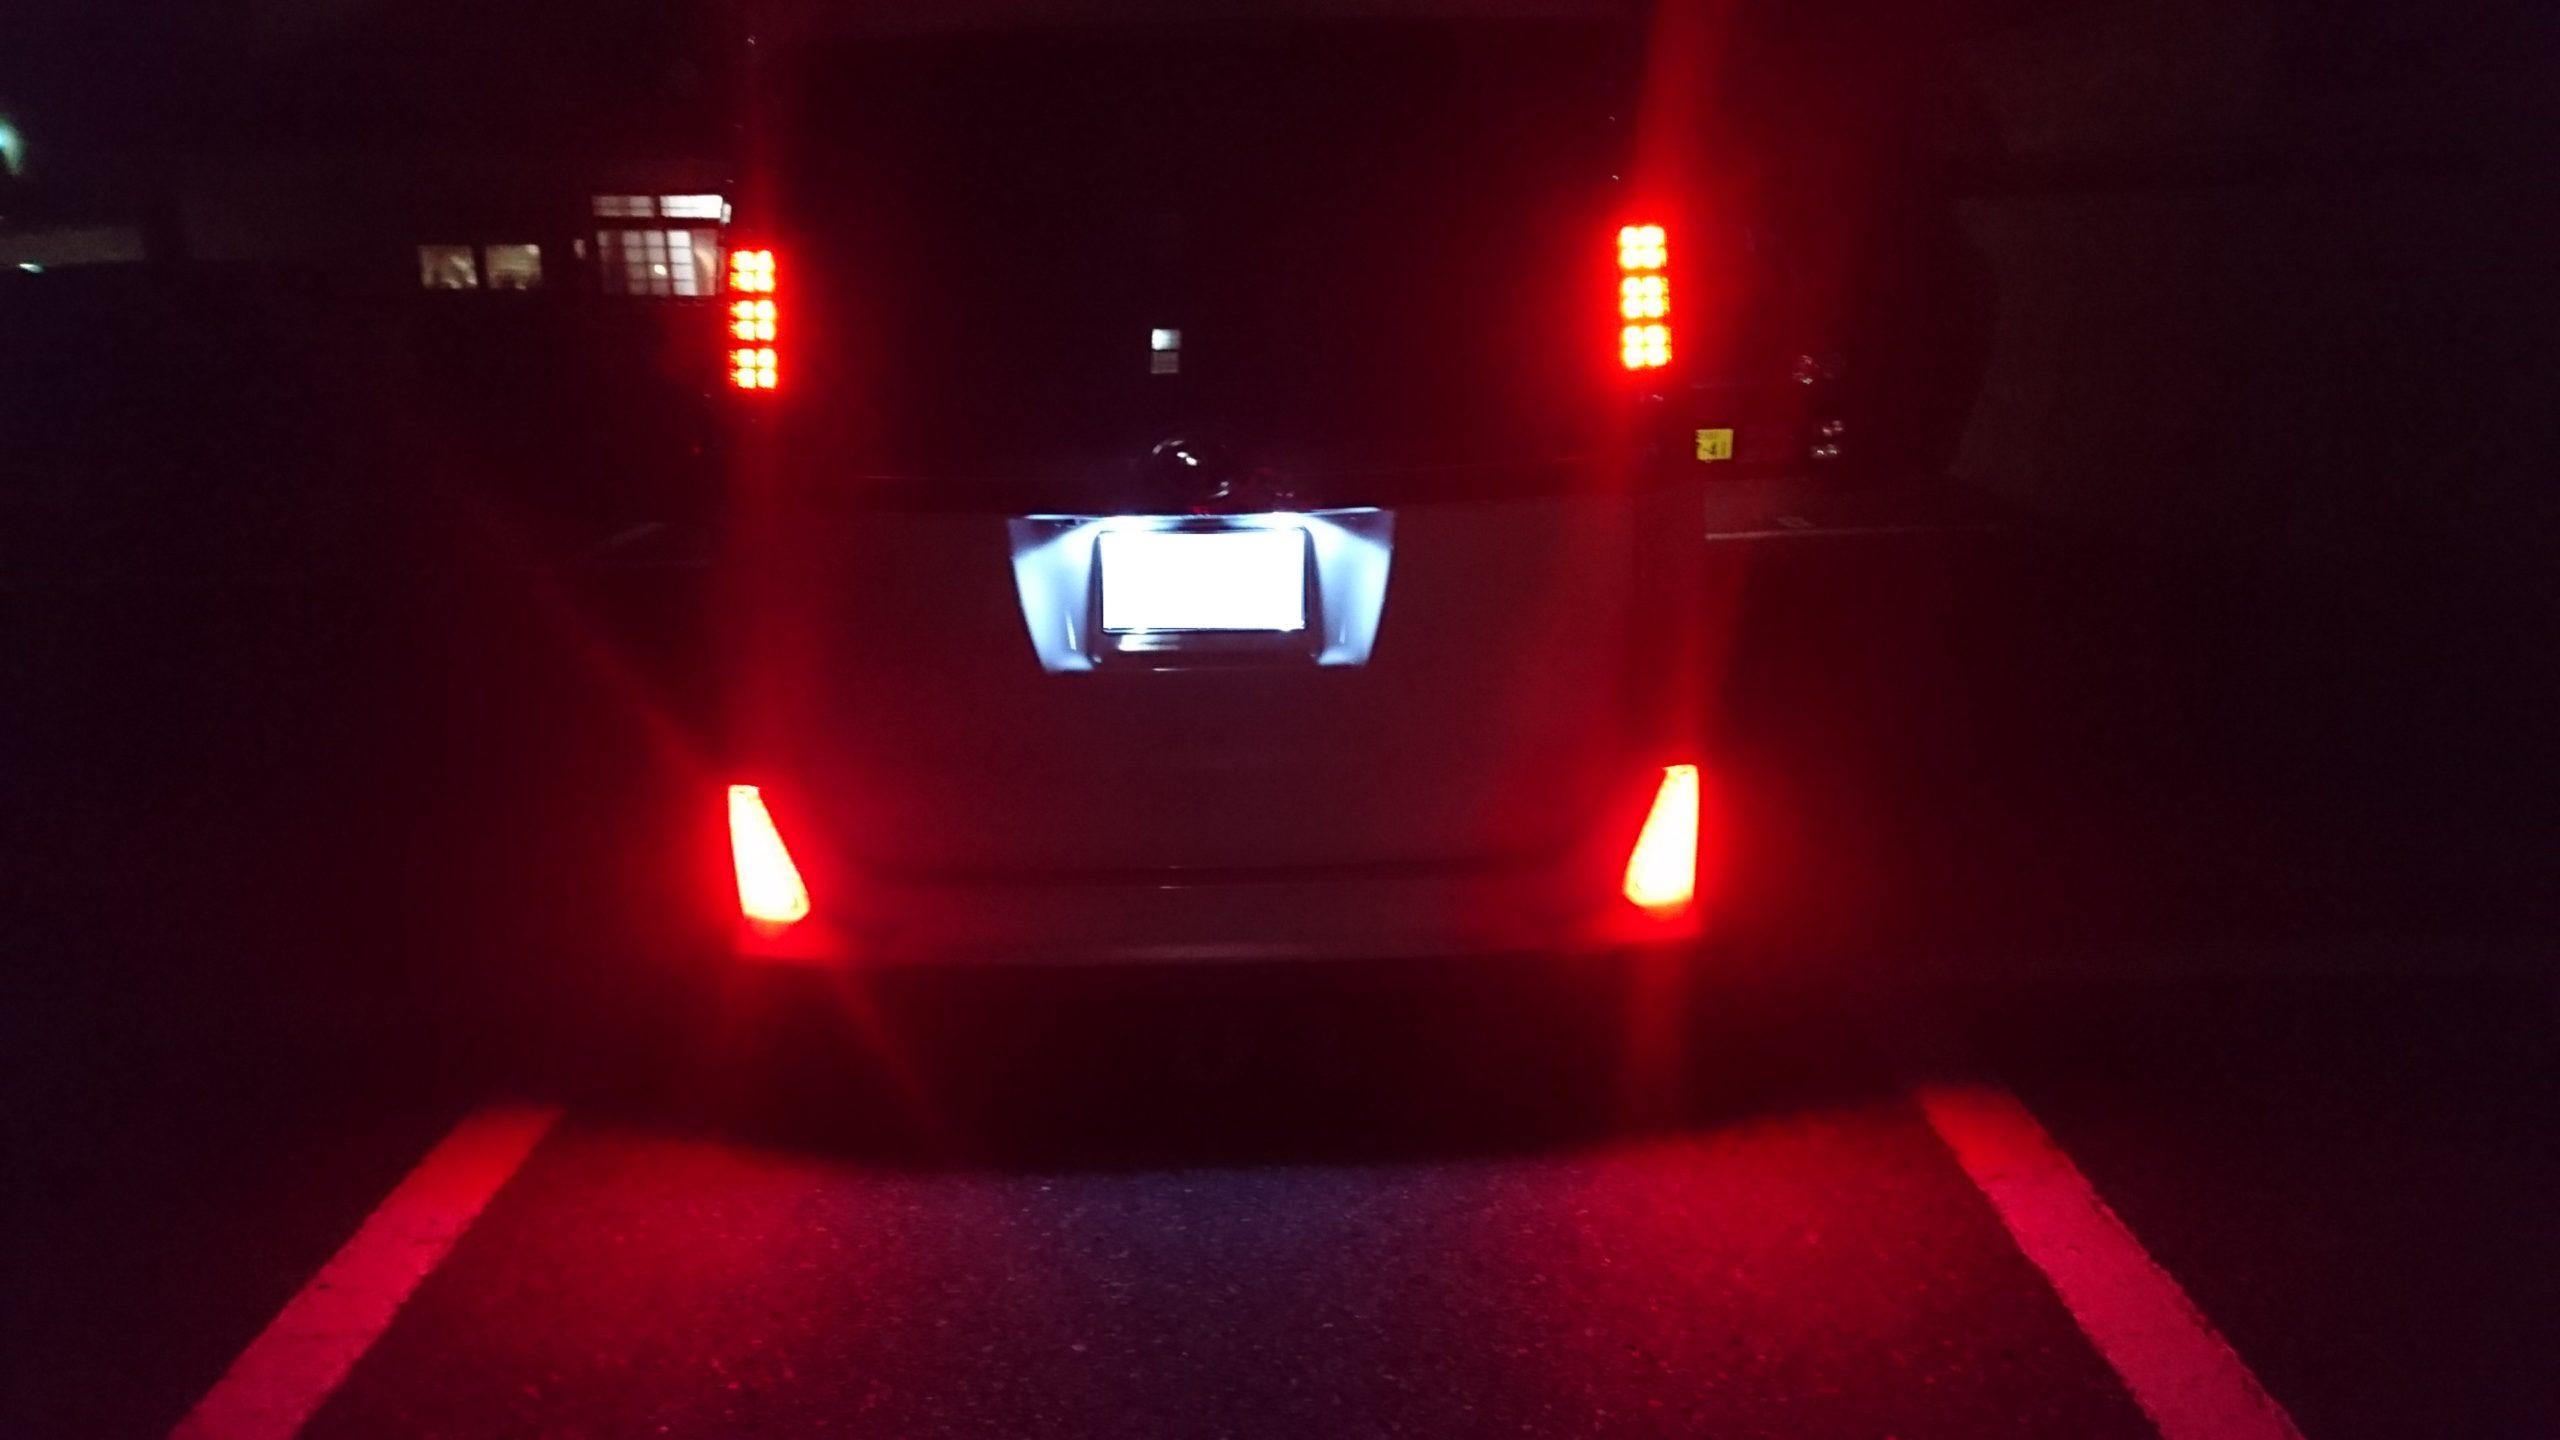 LEDリフレクターは車検に通るのか?取り付け感想